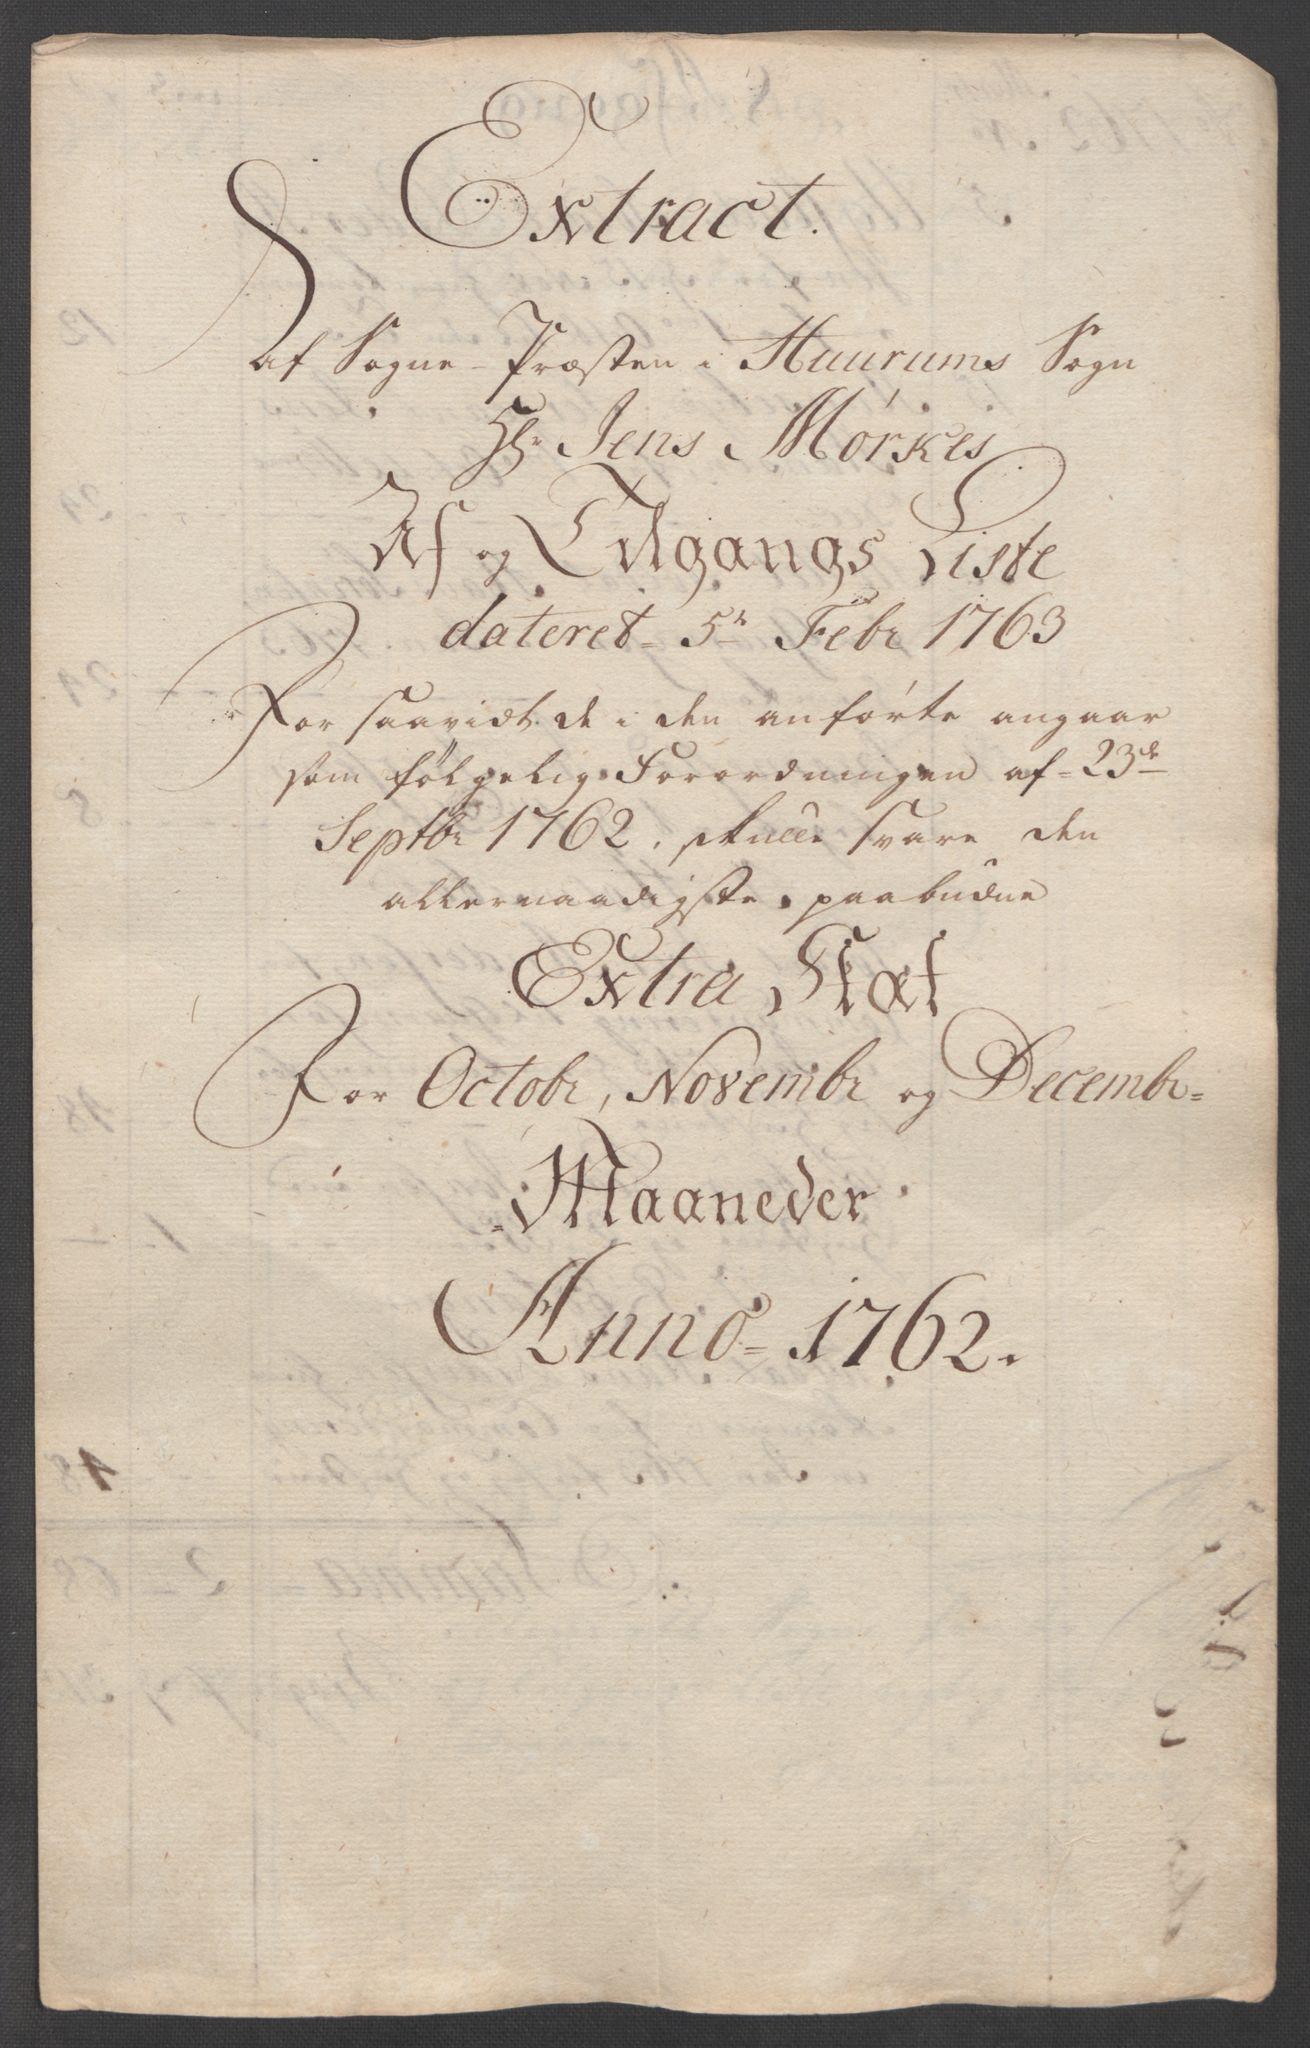 RA, Rentekammeret inntil 1814, Reviderte regnskaper, Fogderegnskap, R31/L1833: Ekstraskatten Hurum, Røyken, Eiker, Lier og Buskerud, 1762-1764, s. 18